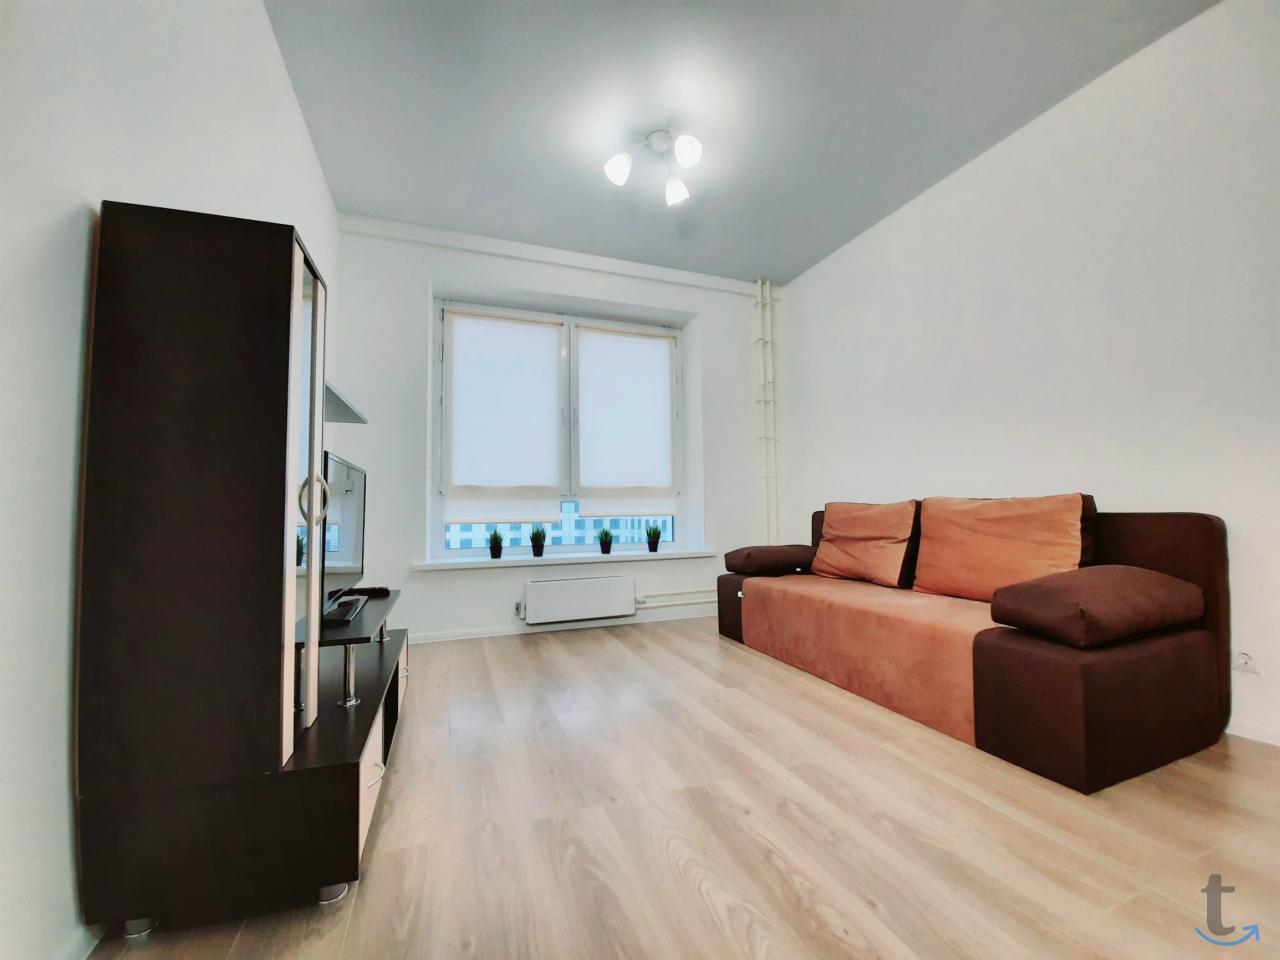 Сдаю посуточно двухкомнатную квартиру в новом доме.